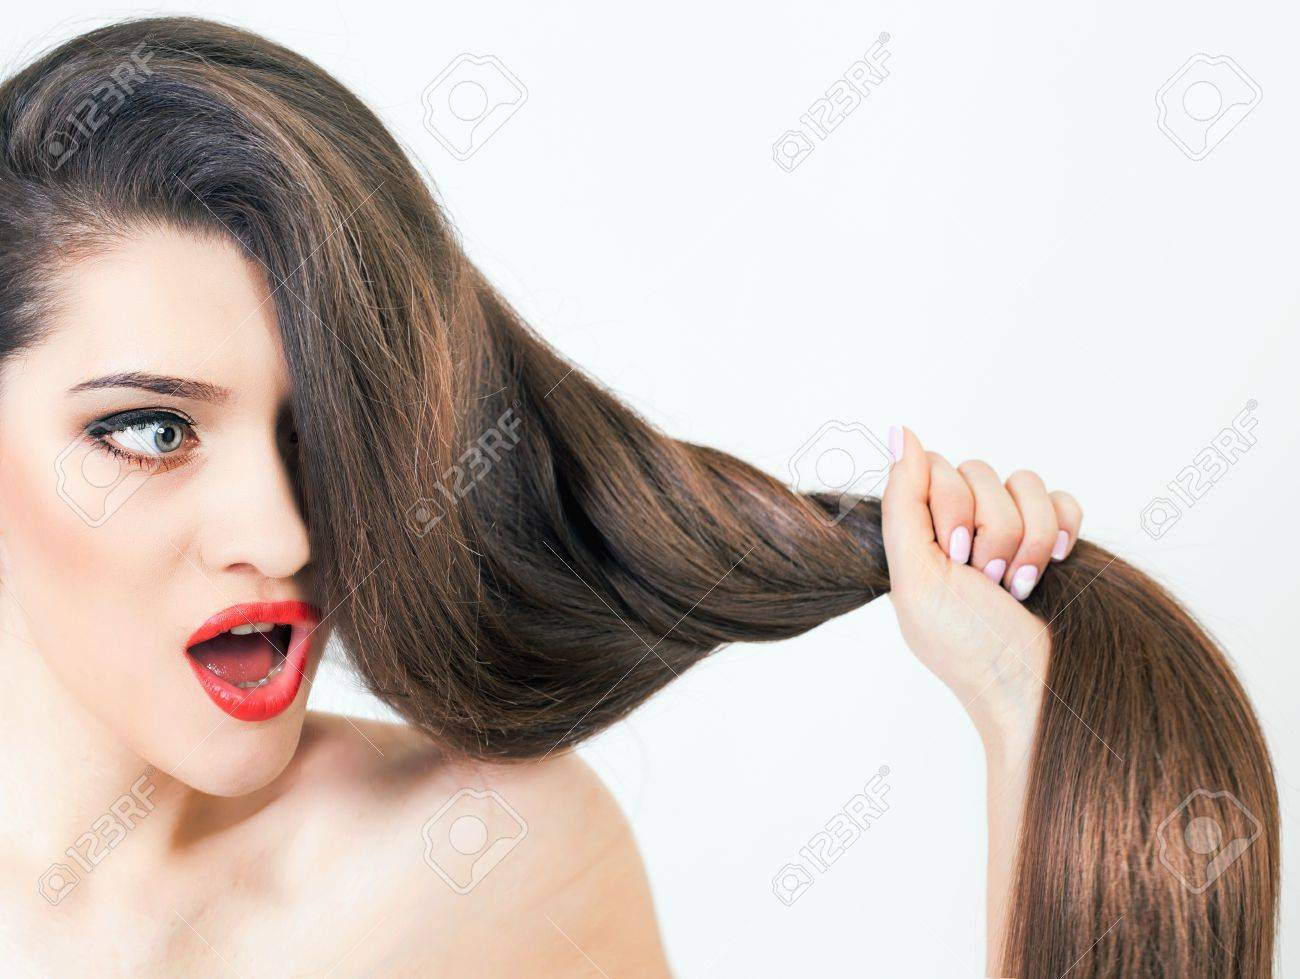 Gesunde starken lange Haare. Schöne Frau. Größer werden. Shampoo und  natürliche Kräuterbalsam. Schönheit und Mode. Frisur